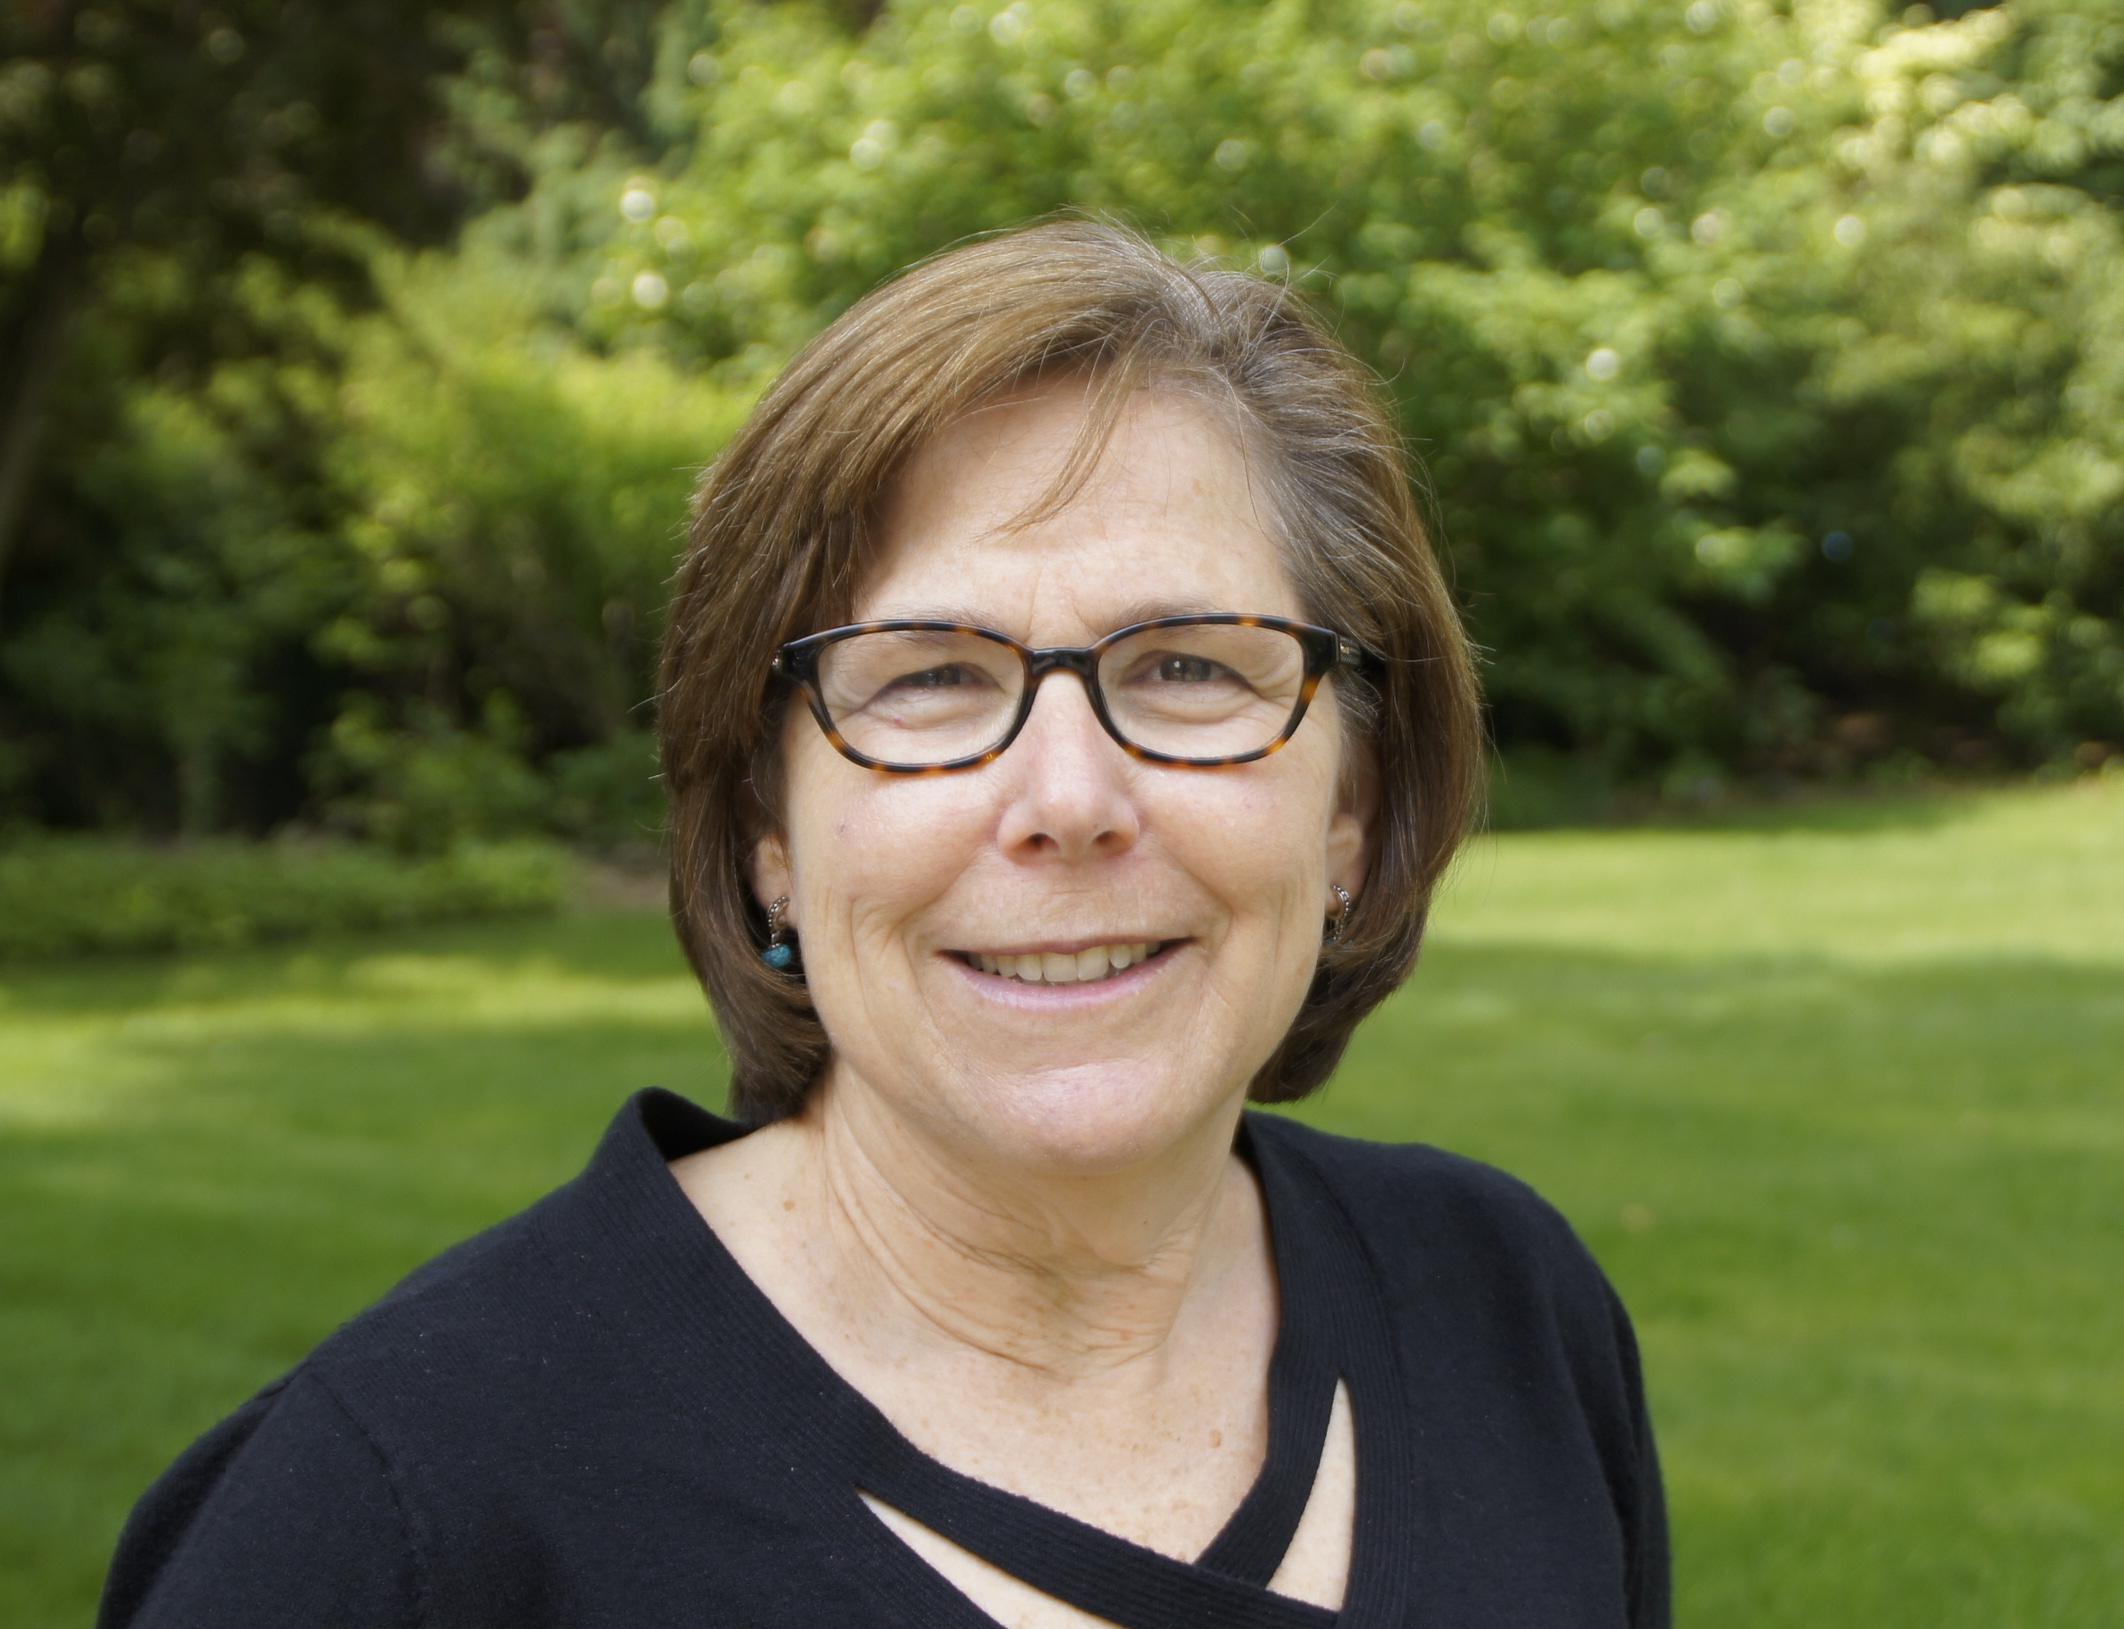 Alice Eckerson